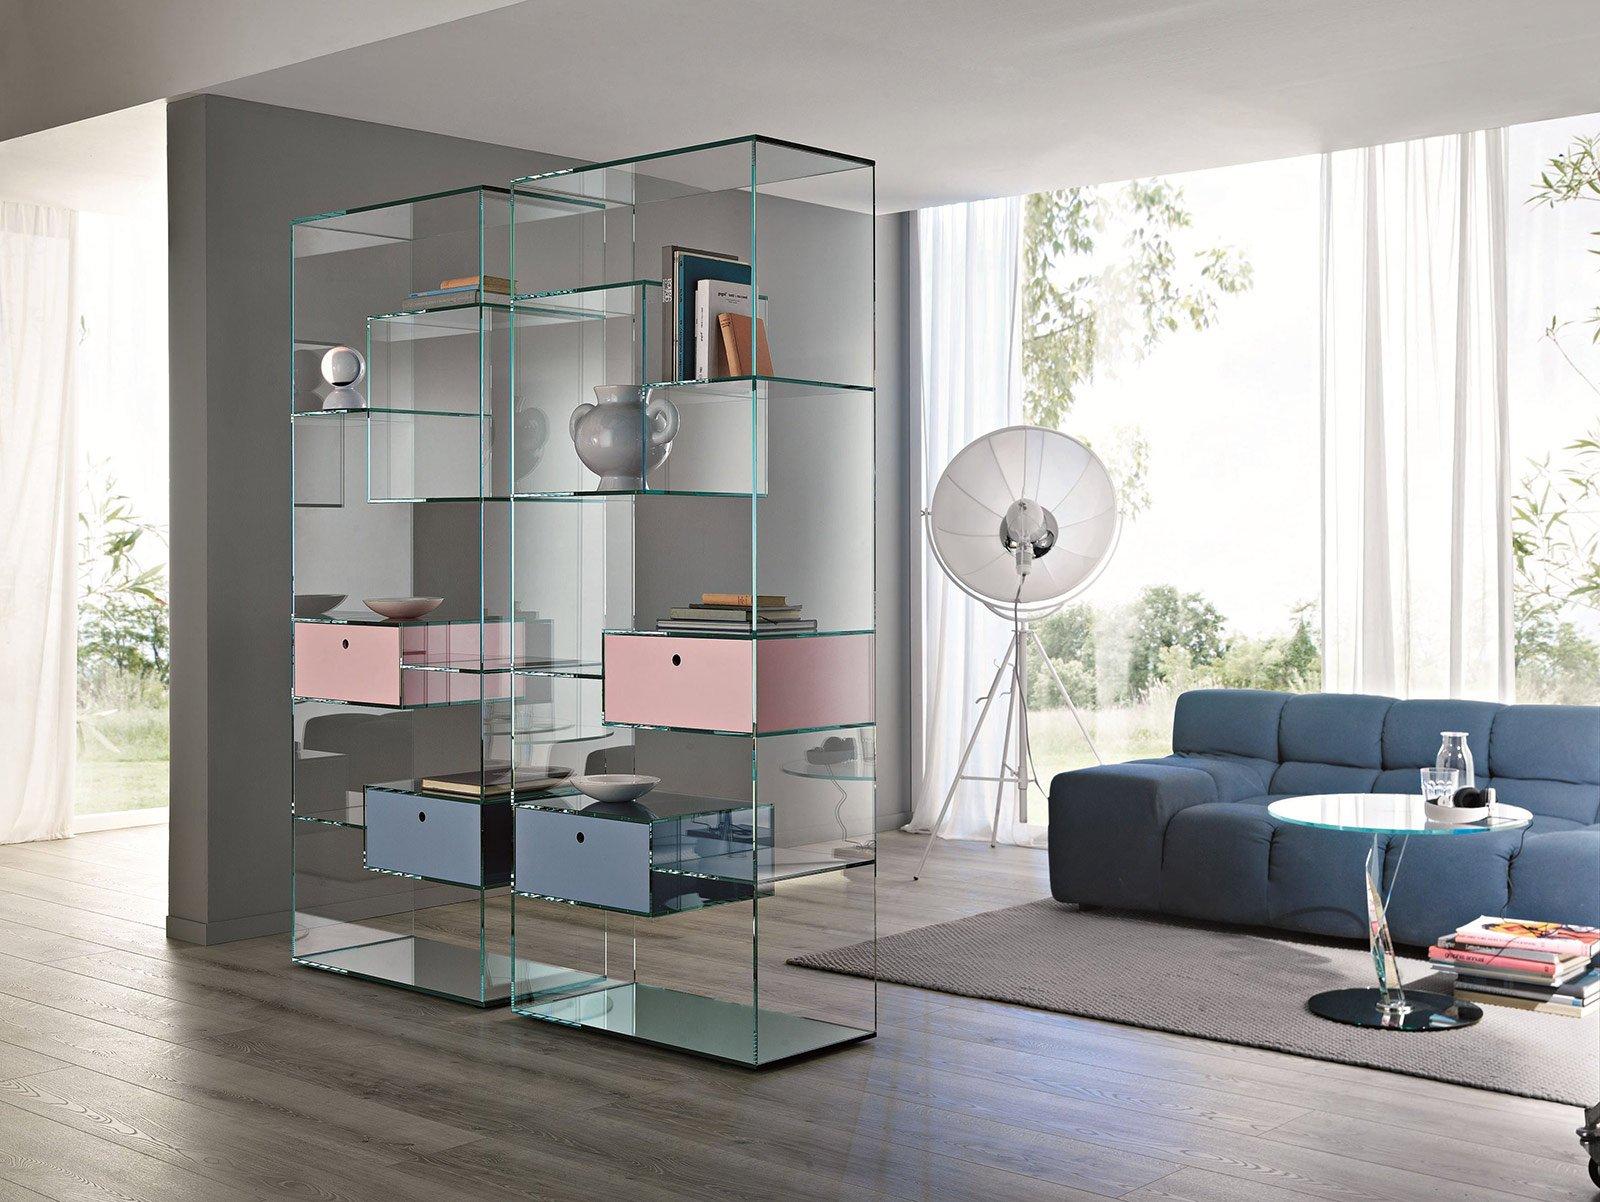 divisori casa. librerie moderne laccate with divisori casa ... - Mobili Divisori Cucina Soggiorno